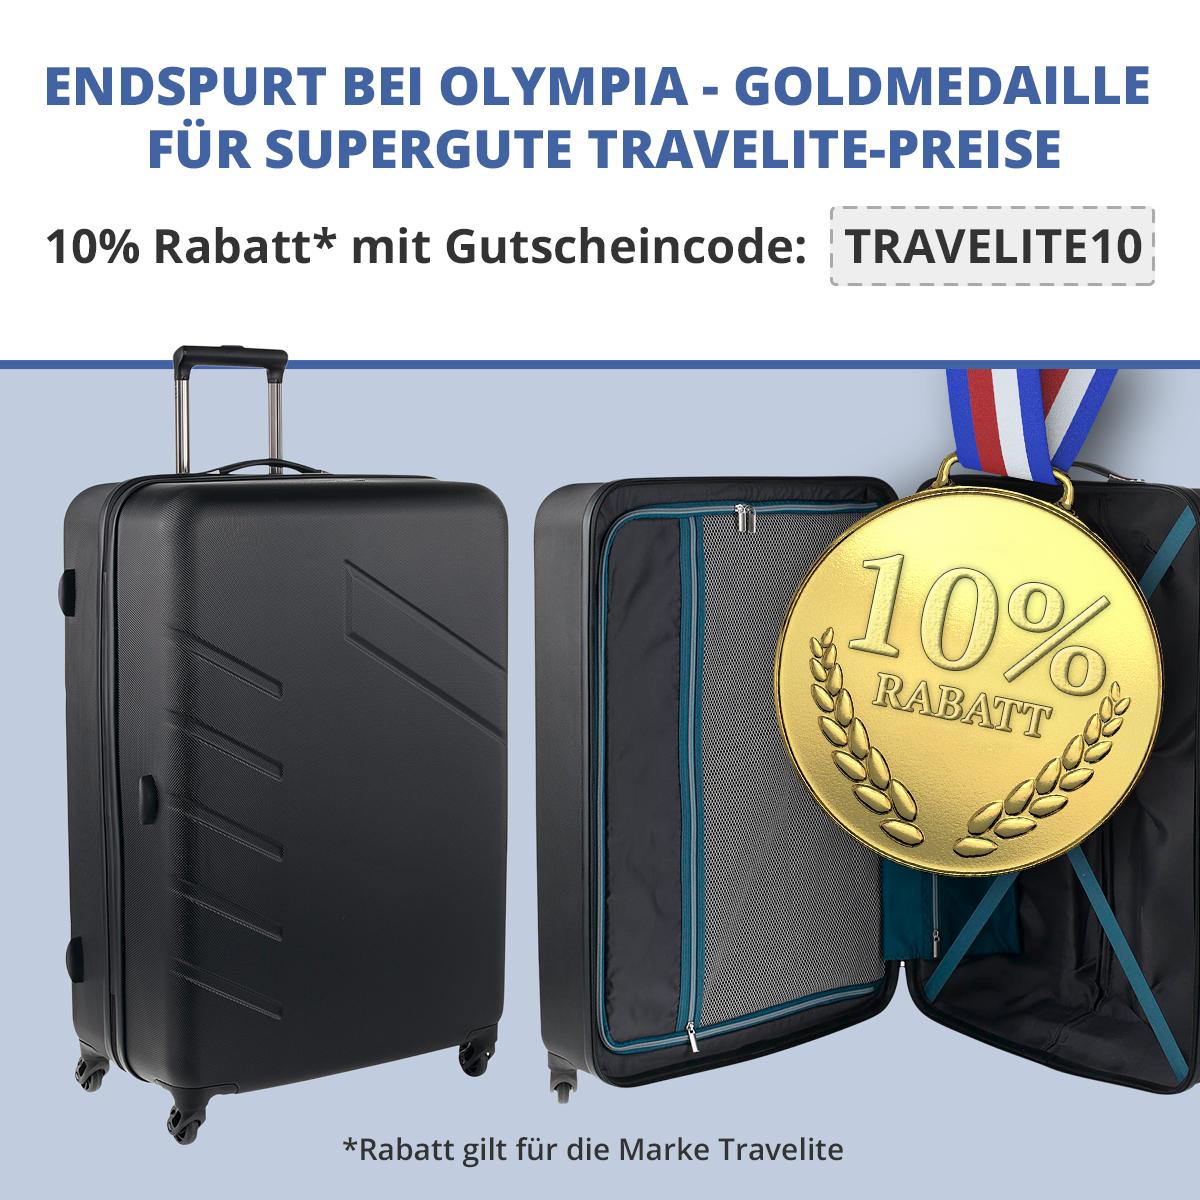 10% Rabatt auf travelite + 5% Vorkasse möglich